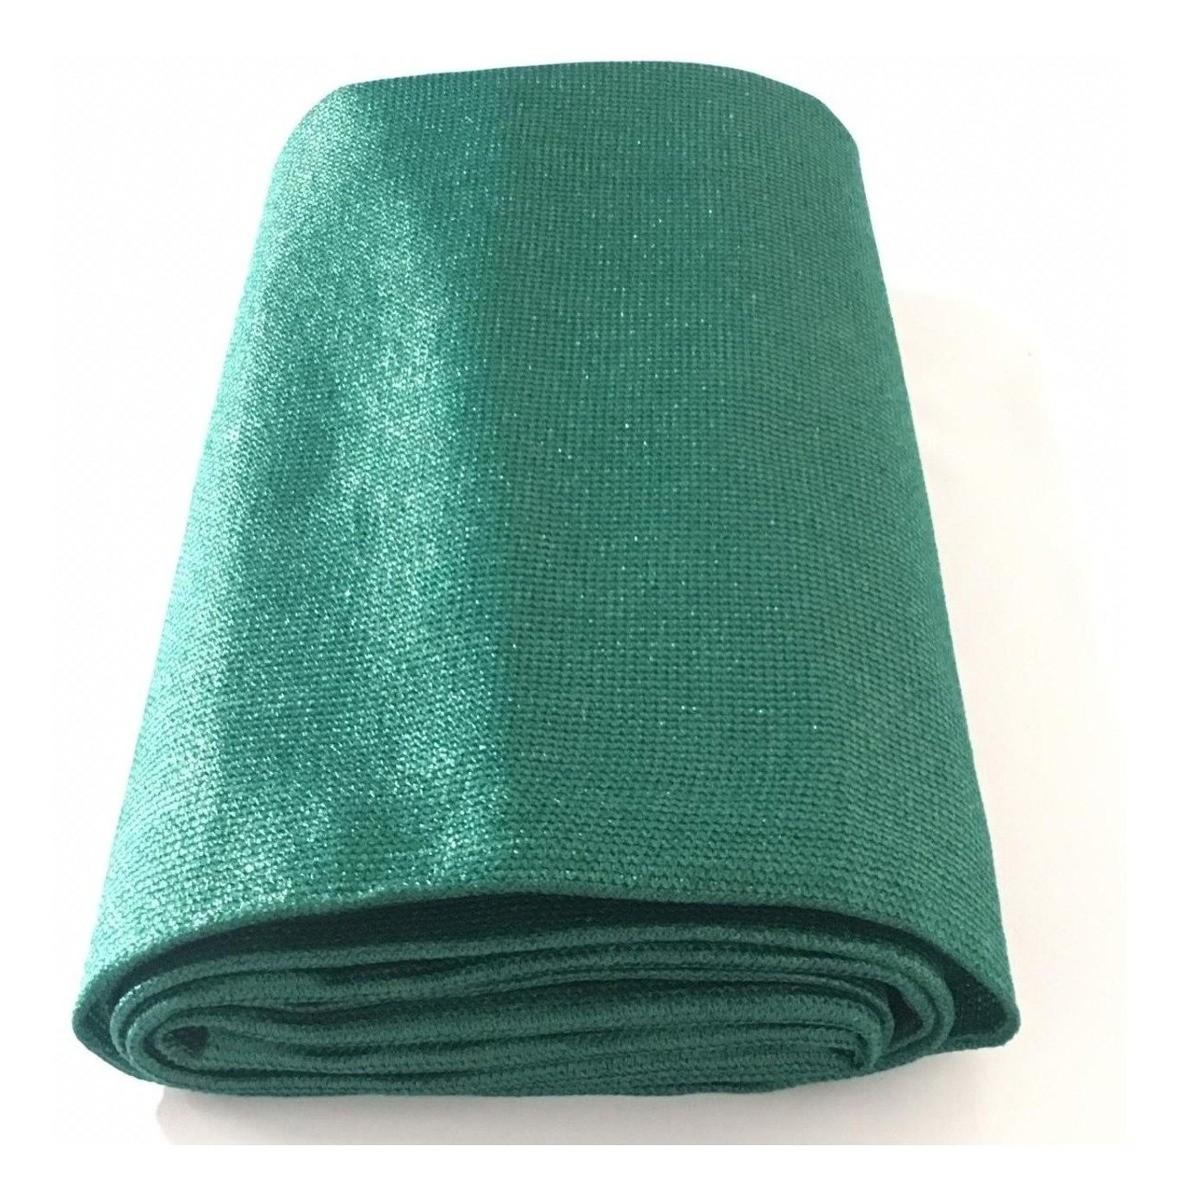 Tela Toldo Shade Decorativa Verde Com Bainha Ilhós 4x12m